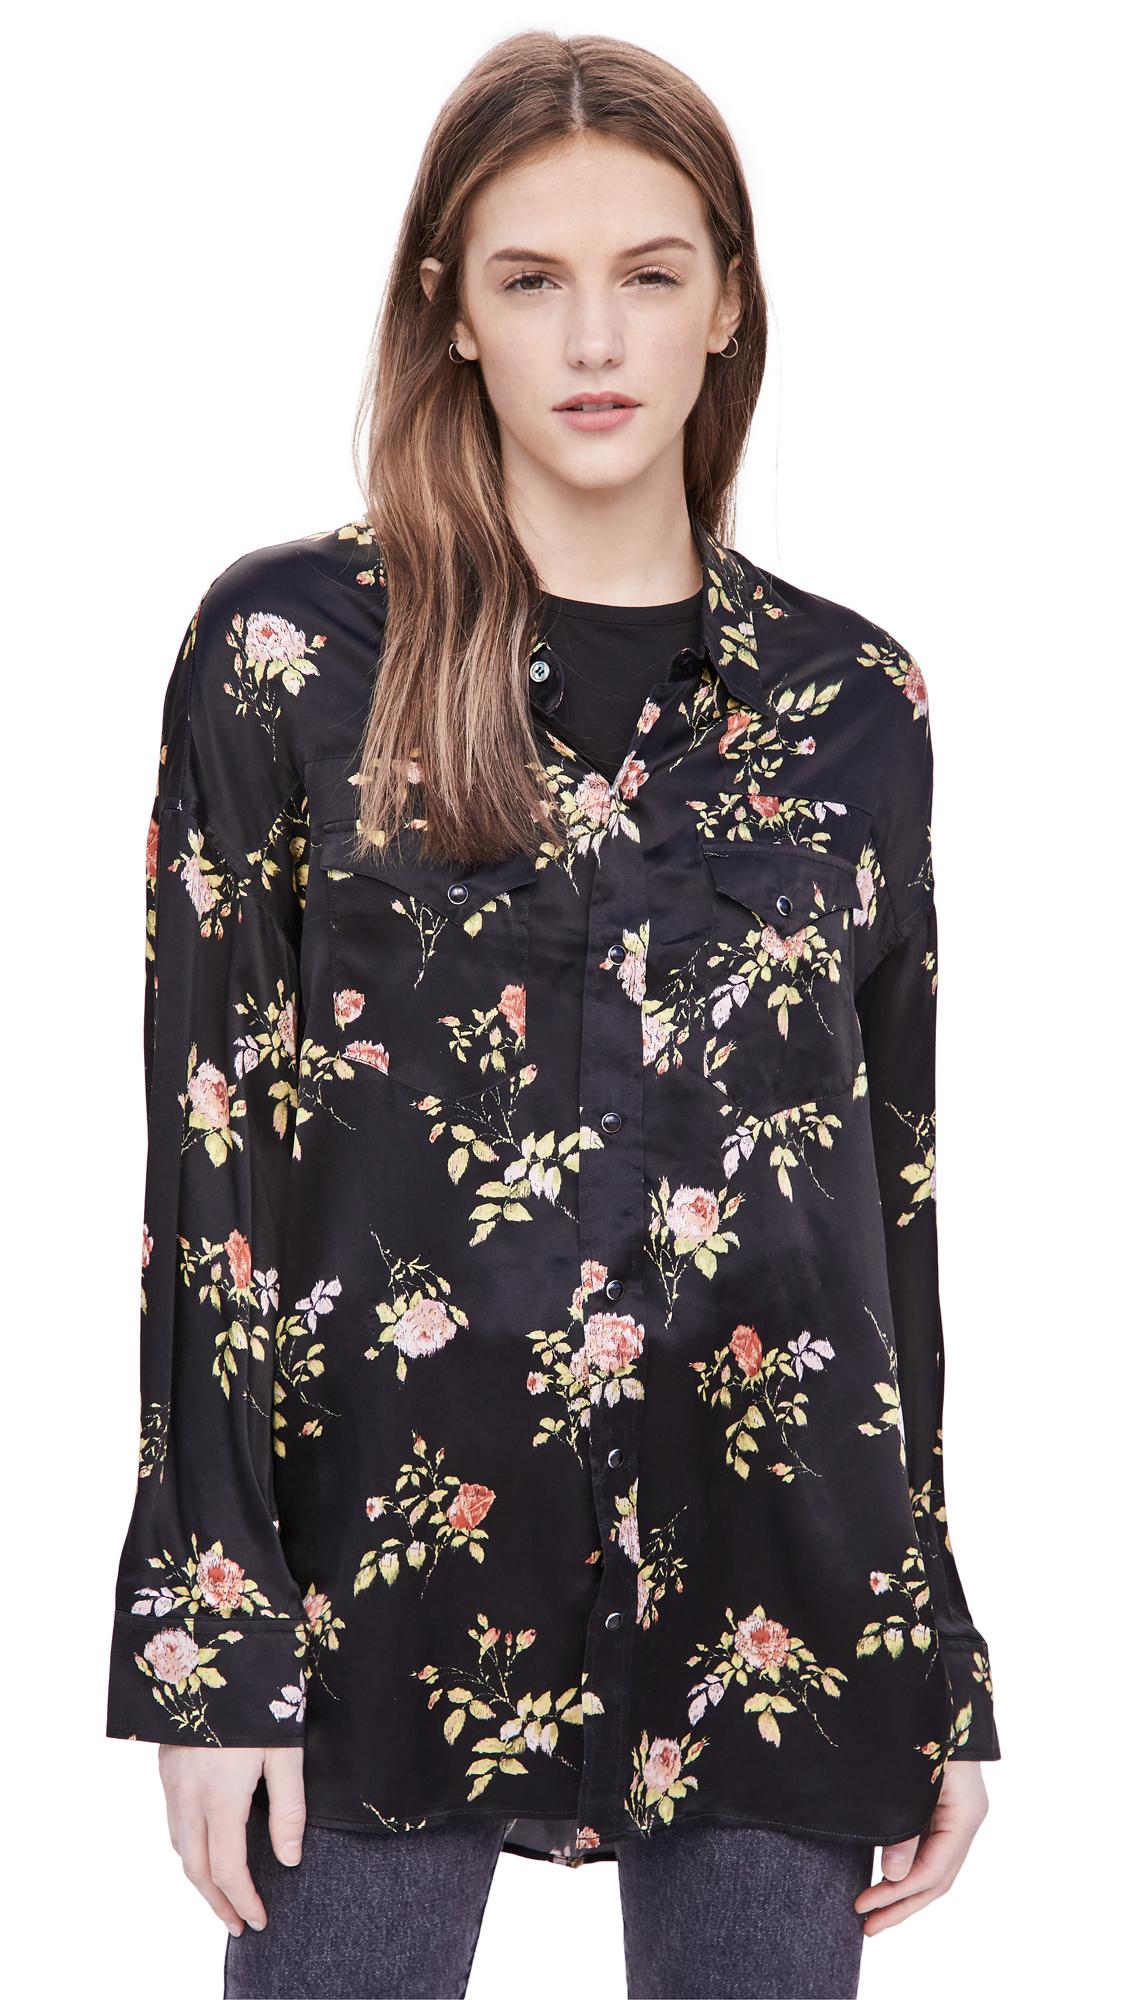 R13 Black Floral Oversized Shirt